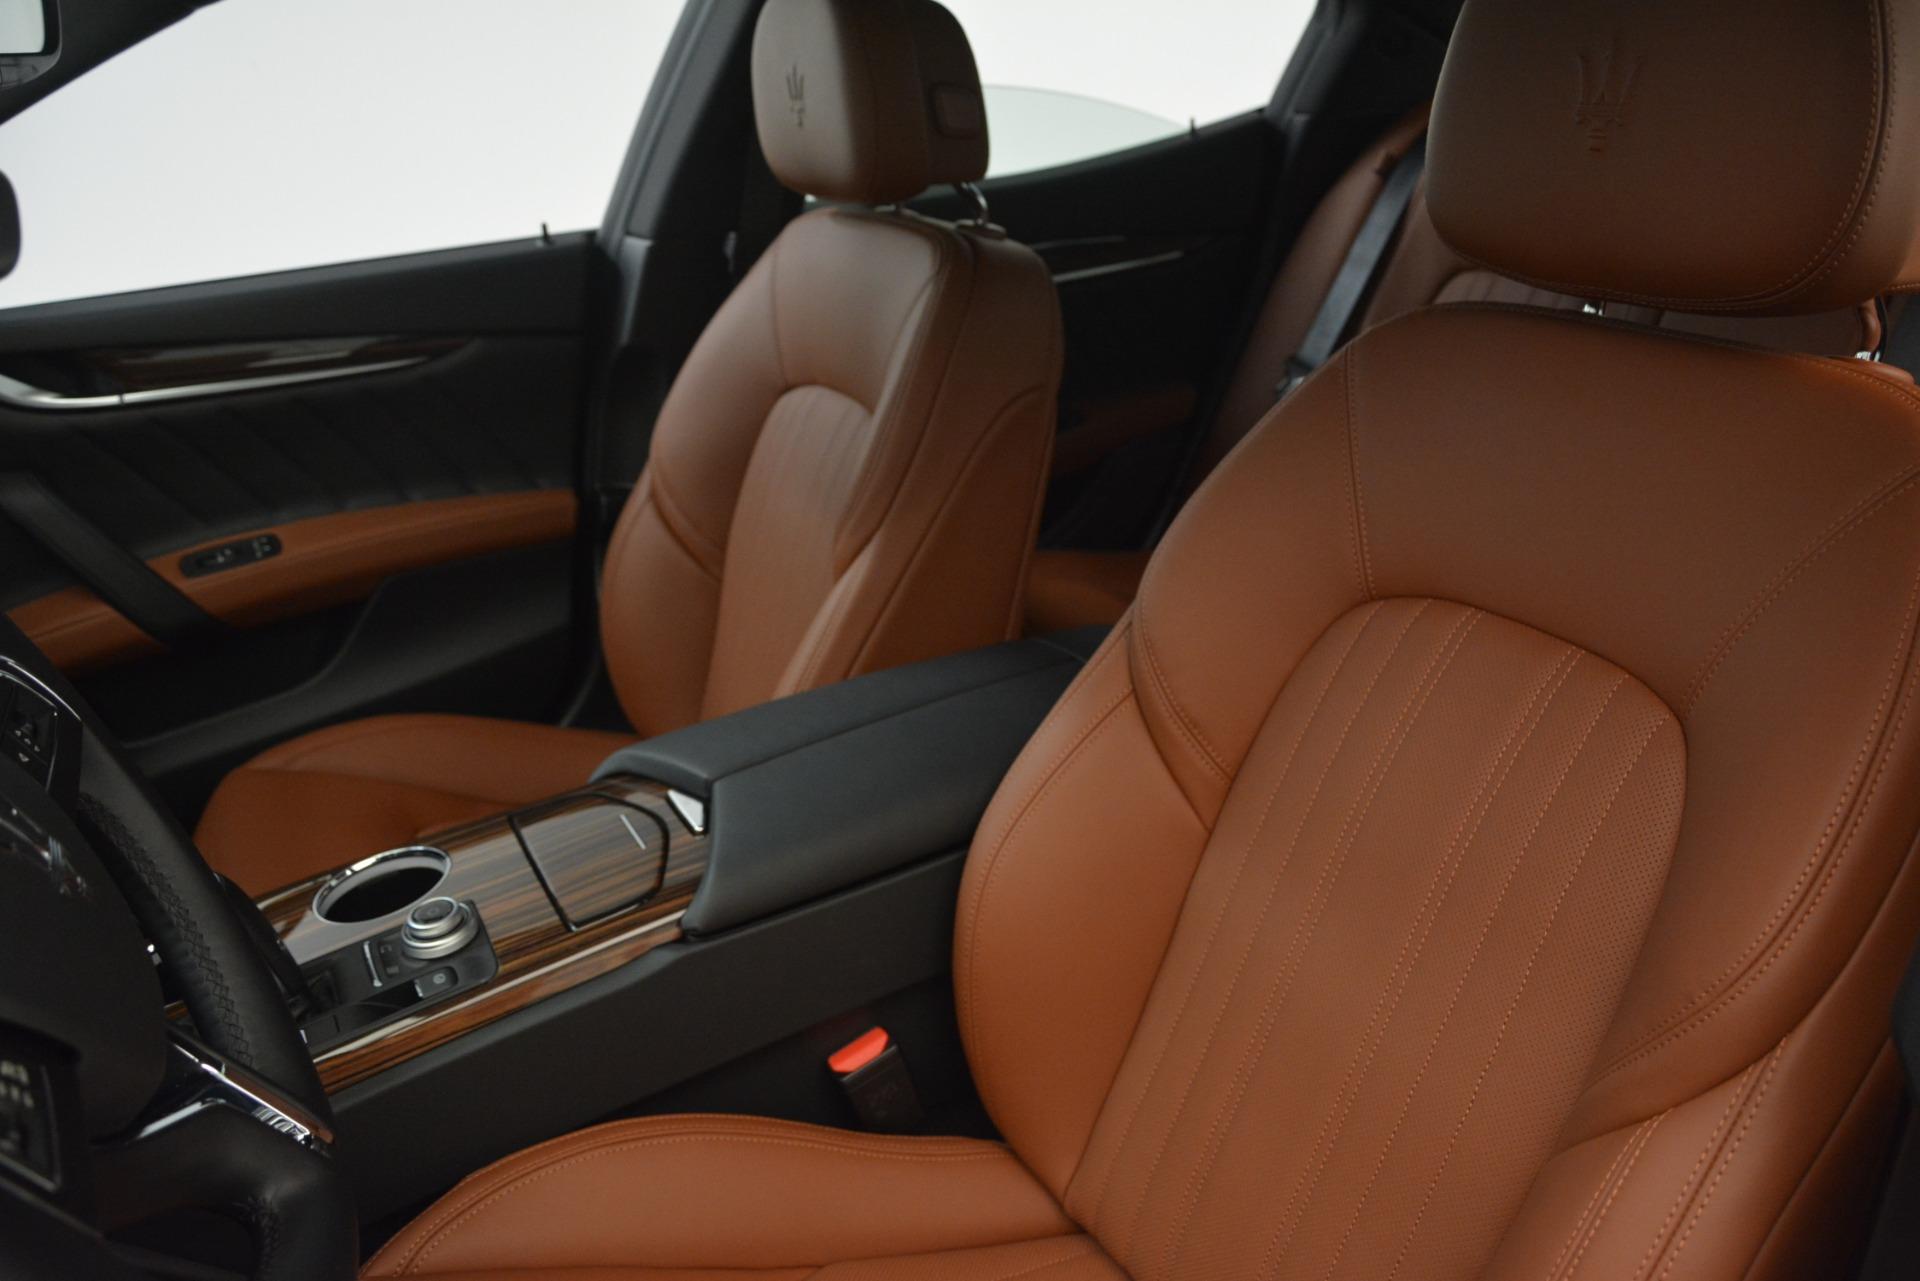 New 2019 Maserati Ghibli S Q4 GranLusso For Sale In Greenwich, CT 2590_p15